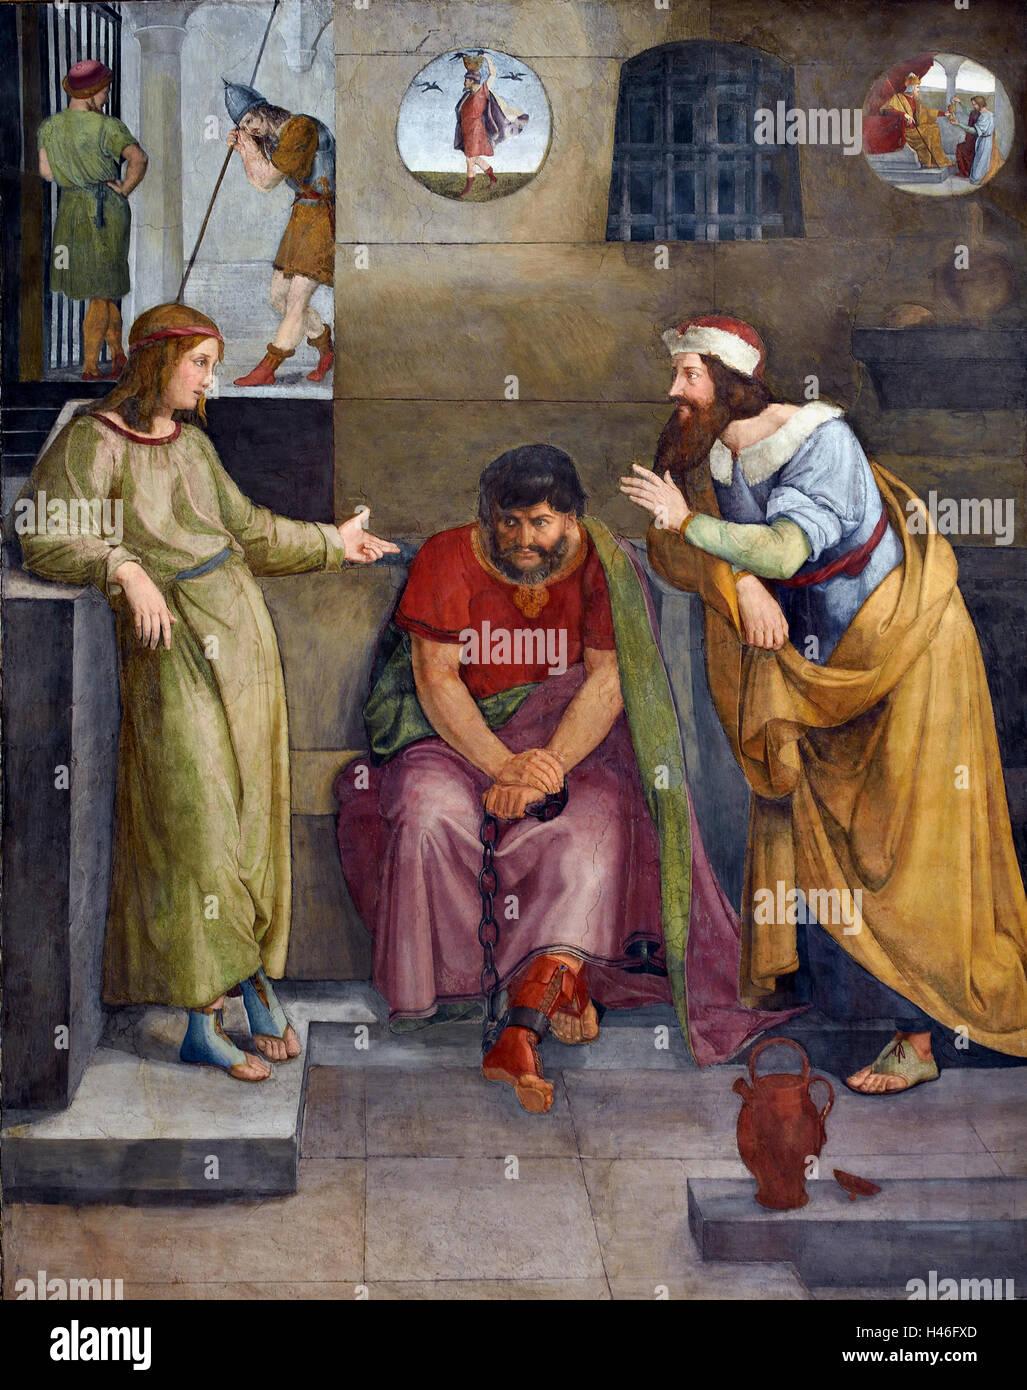 Wilhelm Schadow 1788 - 1862 José interpretando los sueños en prisión 1817 ALEMÁN Alemania Foto de stock